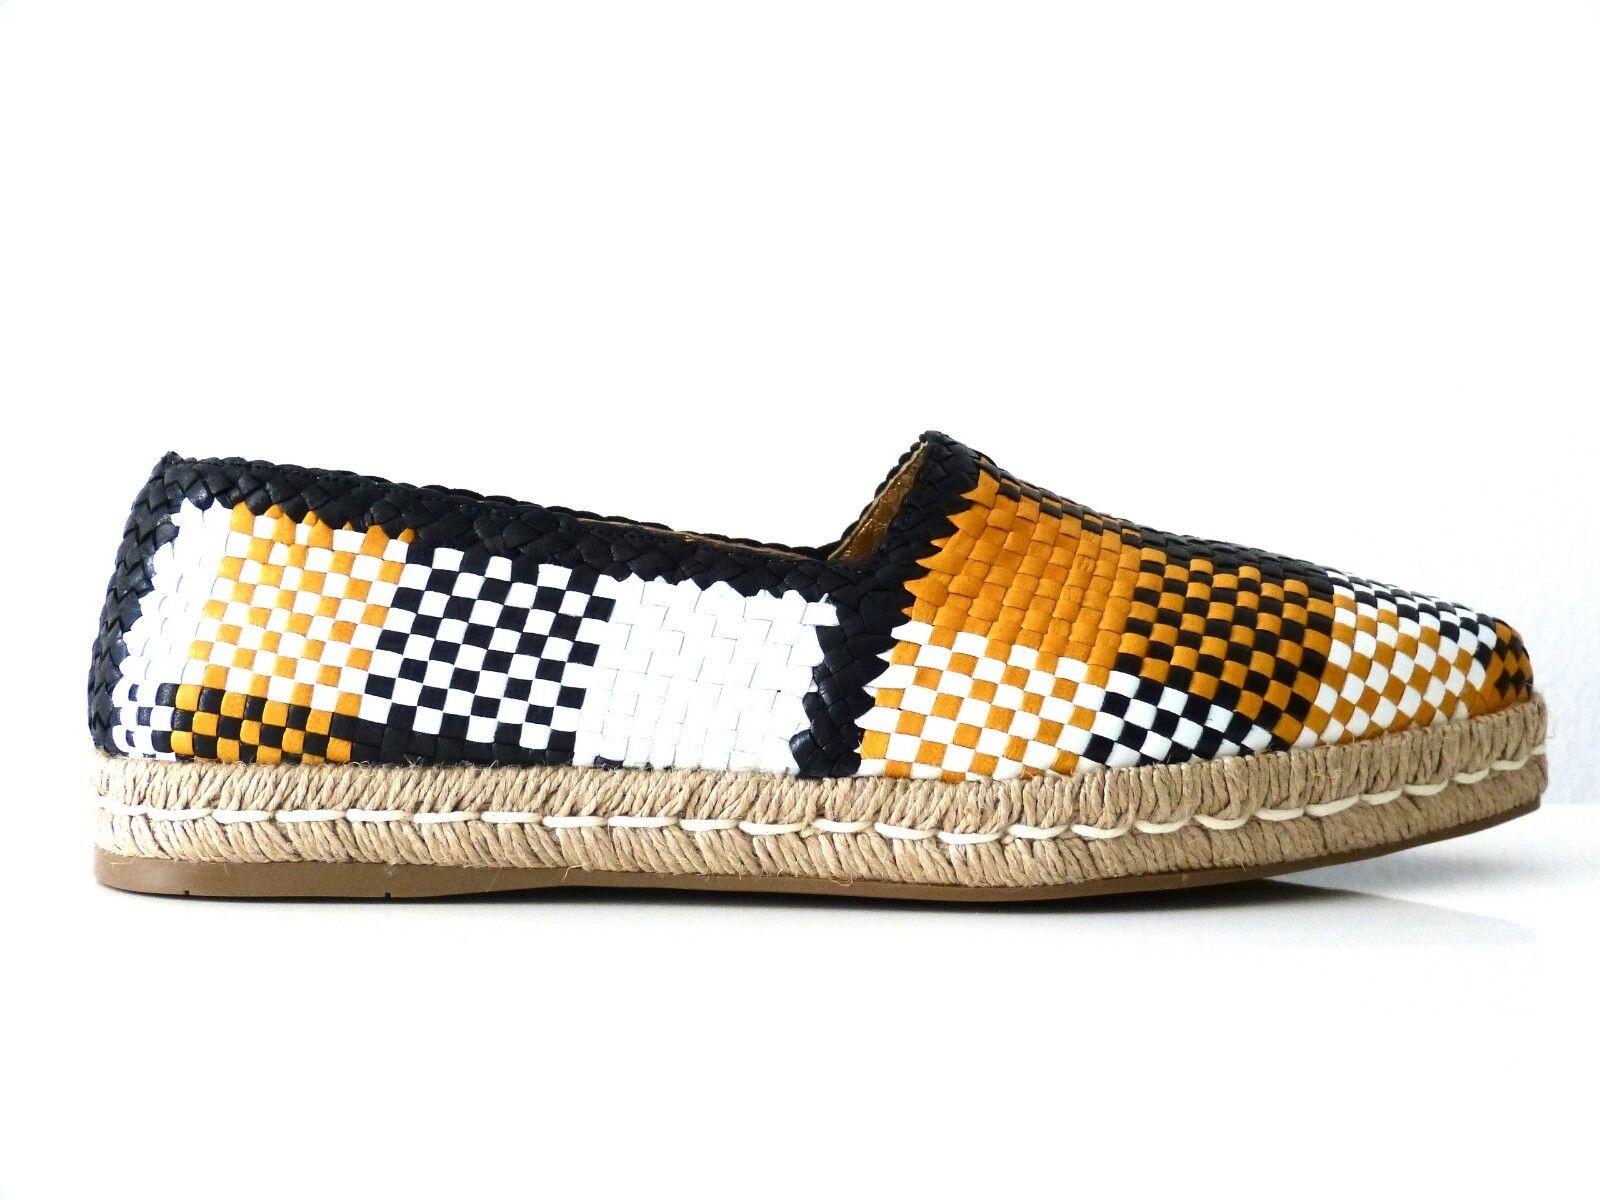 PRADA SCHUHE ESPANDRILLES LOAFER Schuhe MADRAS MULTICOLOR EU:39,5 NEU/NEW